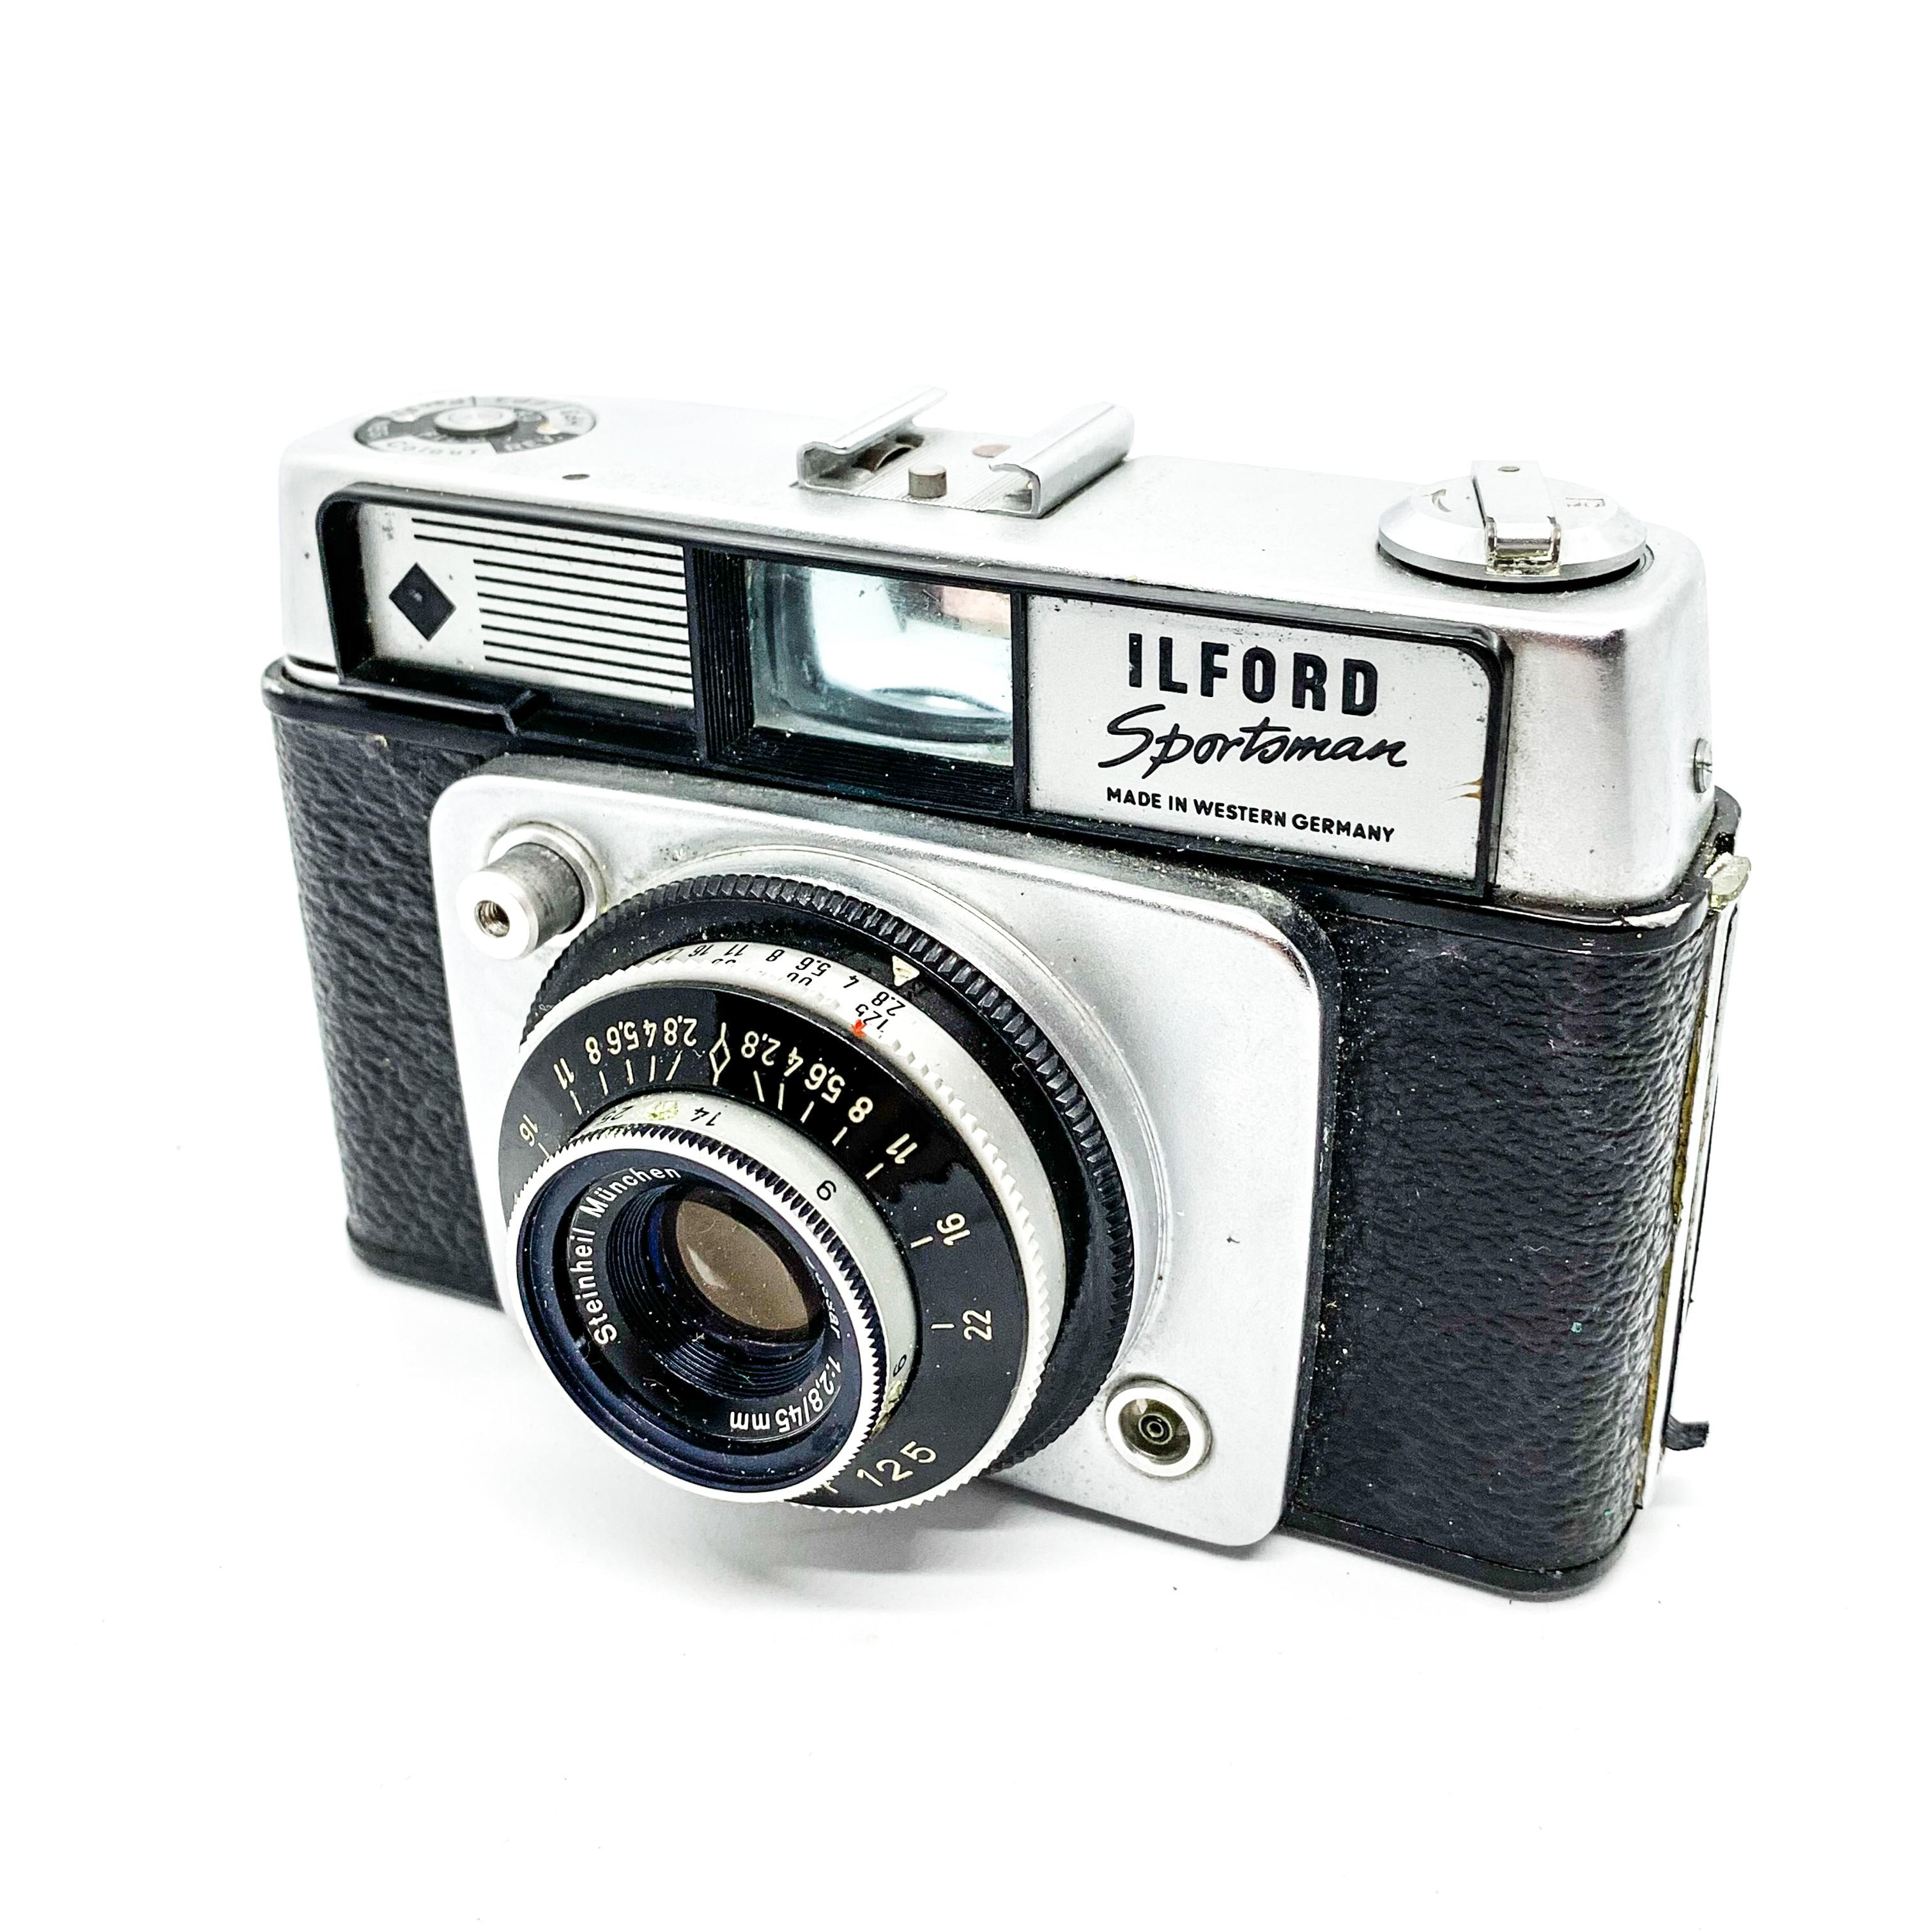 Vintage Ilford Sportsman 35mm Rangefinder Camera